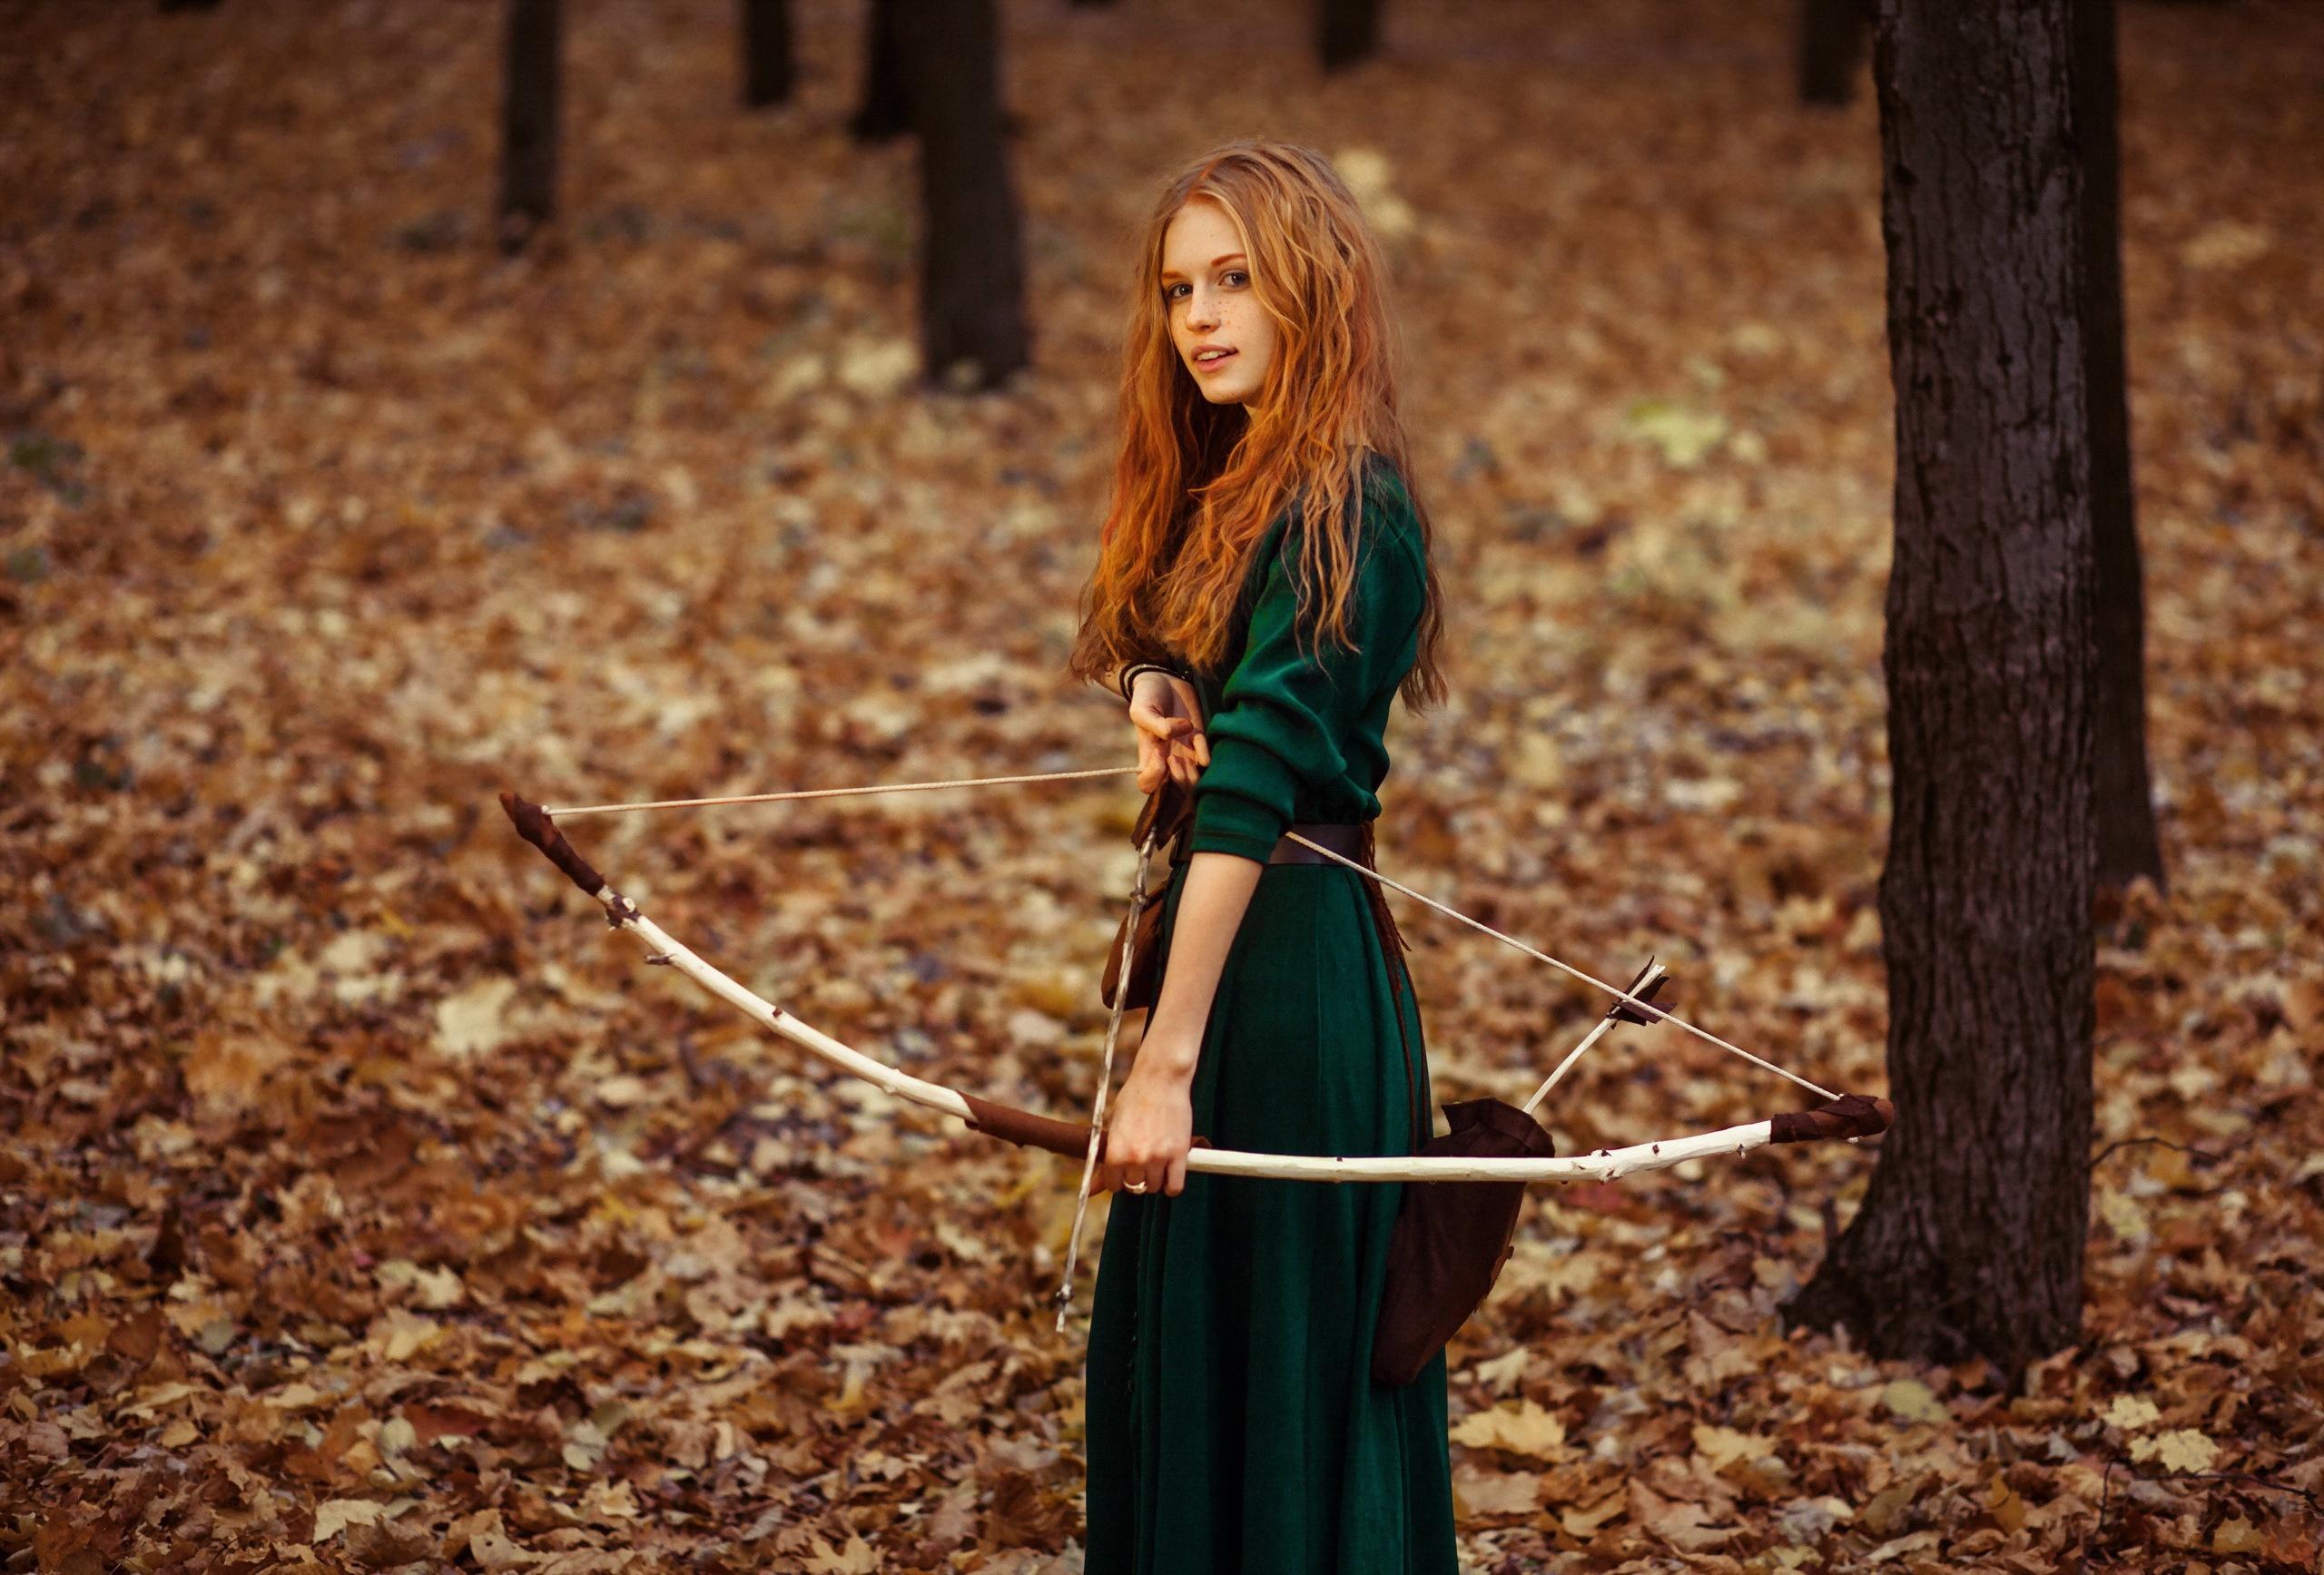 Рыжая девушка в зеленом платье 5 фотография